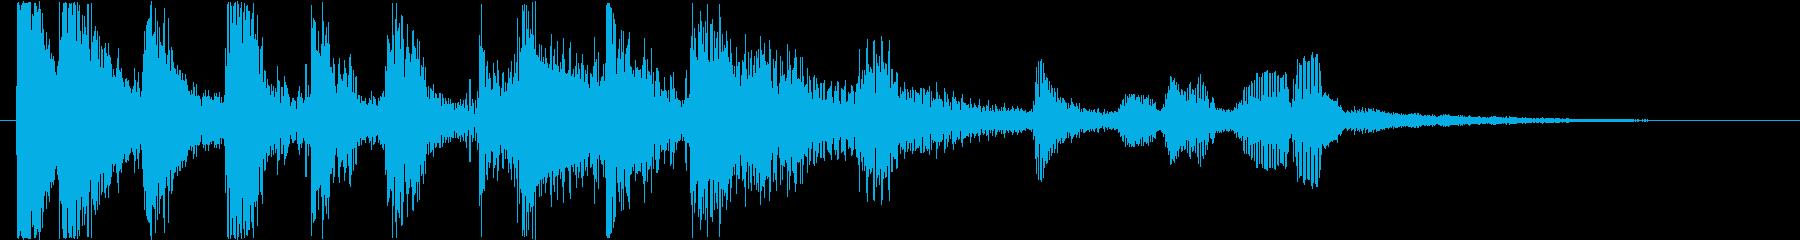 クールでシンプルなジングルの再生済みの波形